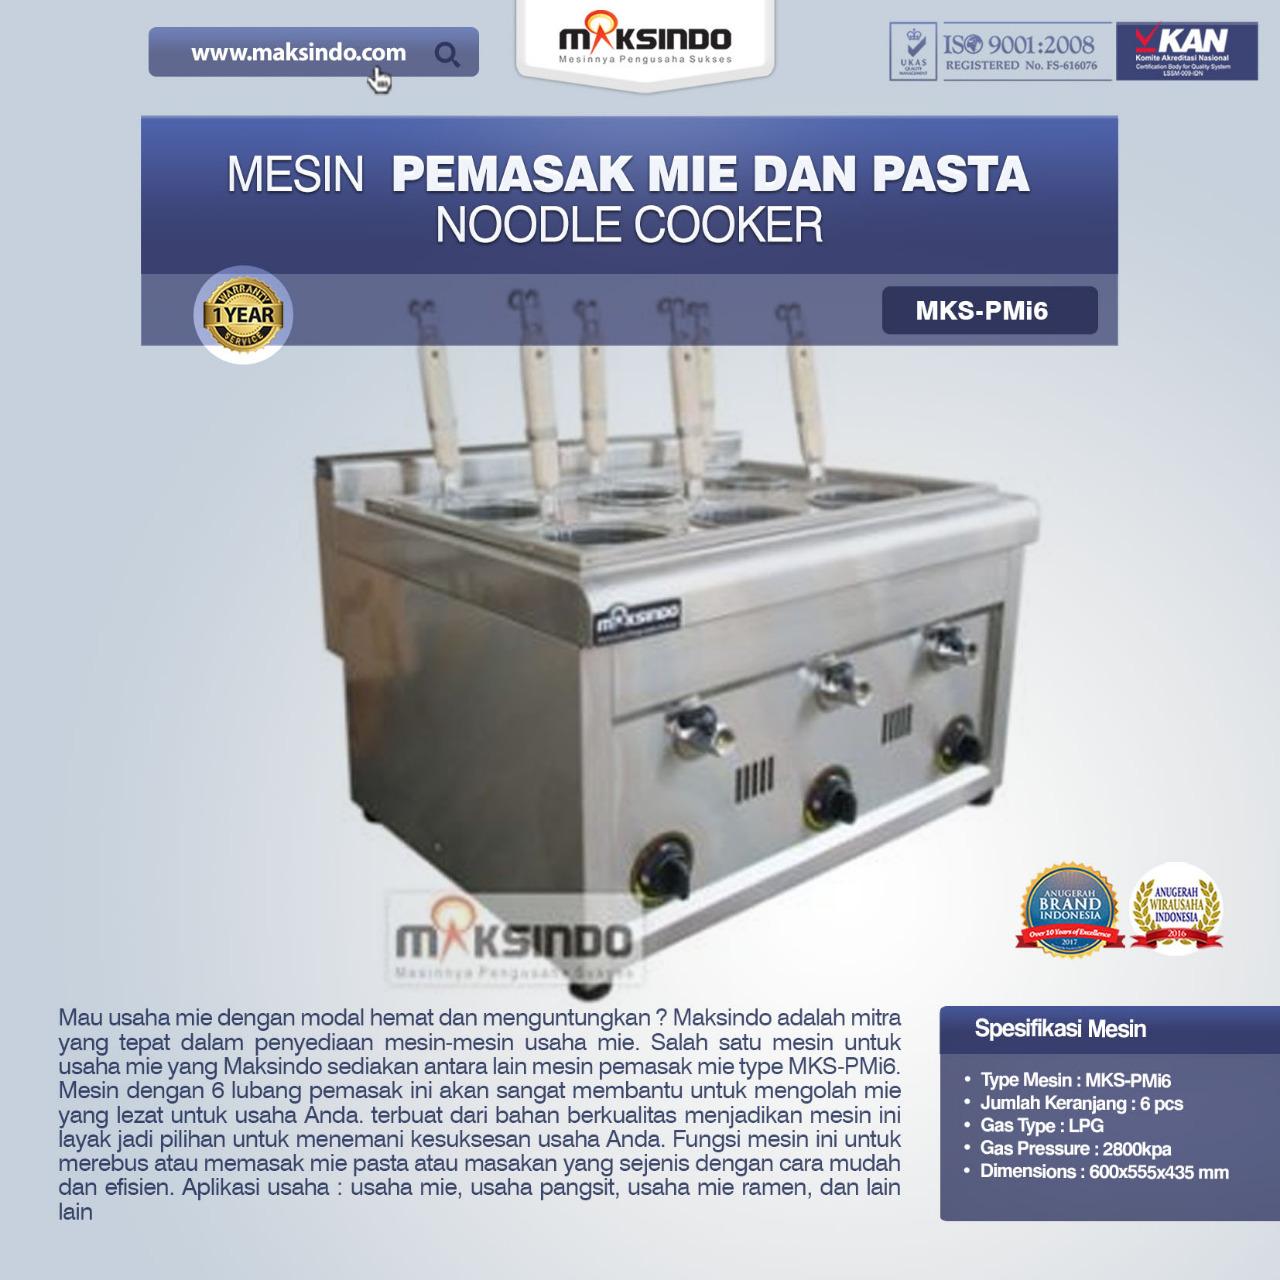 Jual Noodle Cooker (Pemasak Mie Dan Pasta) MKS-PMI6 di Bali